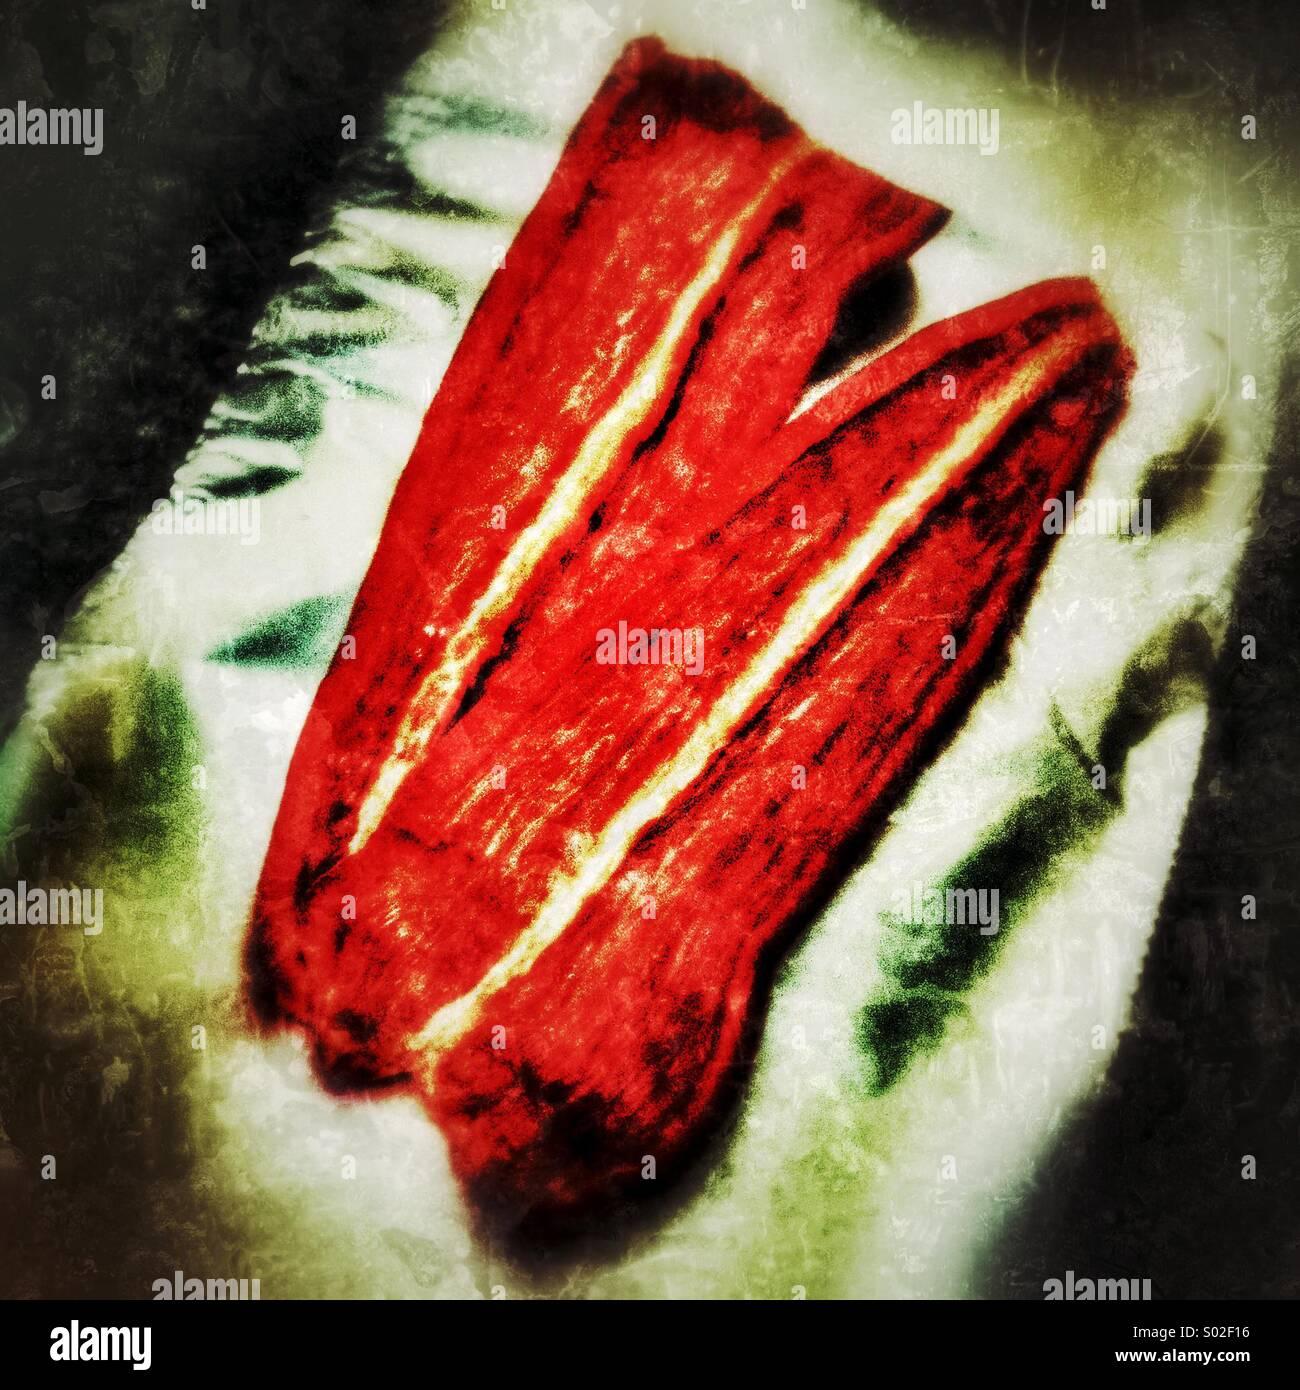 Les moitiés de poivron rouge Photo Stock